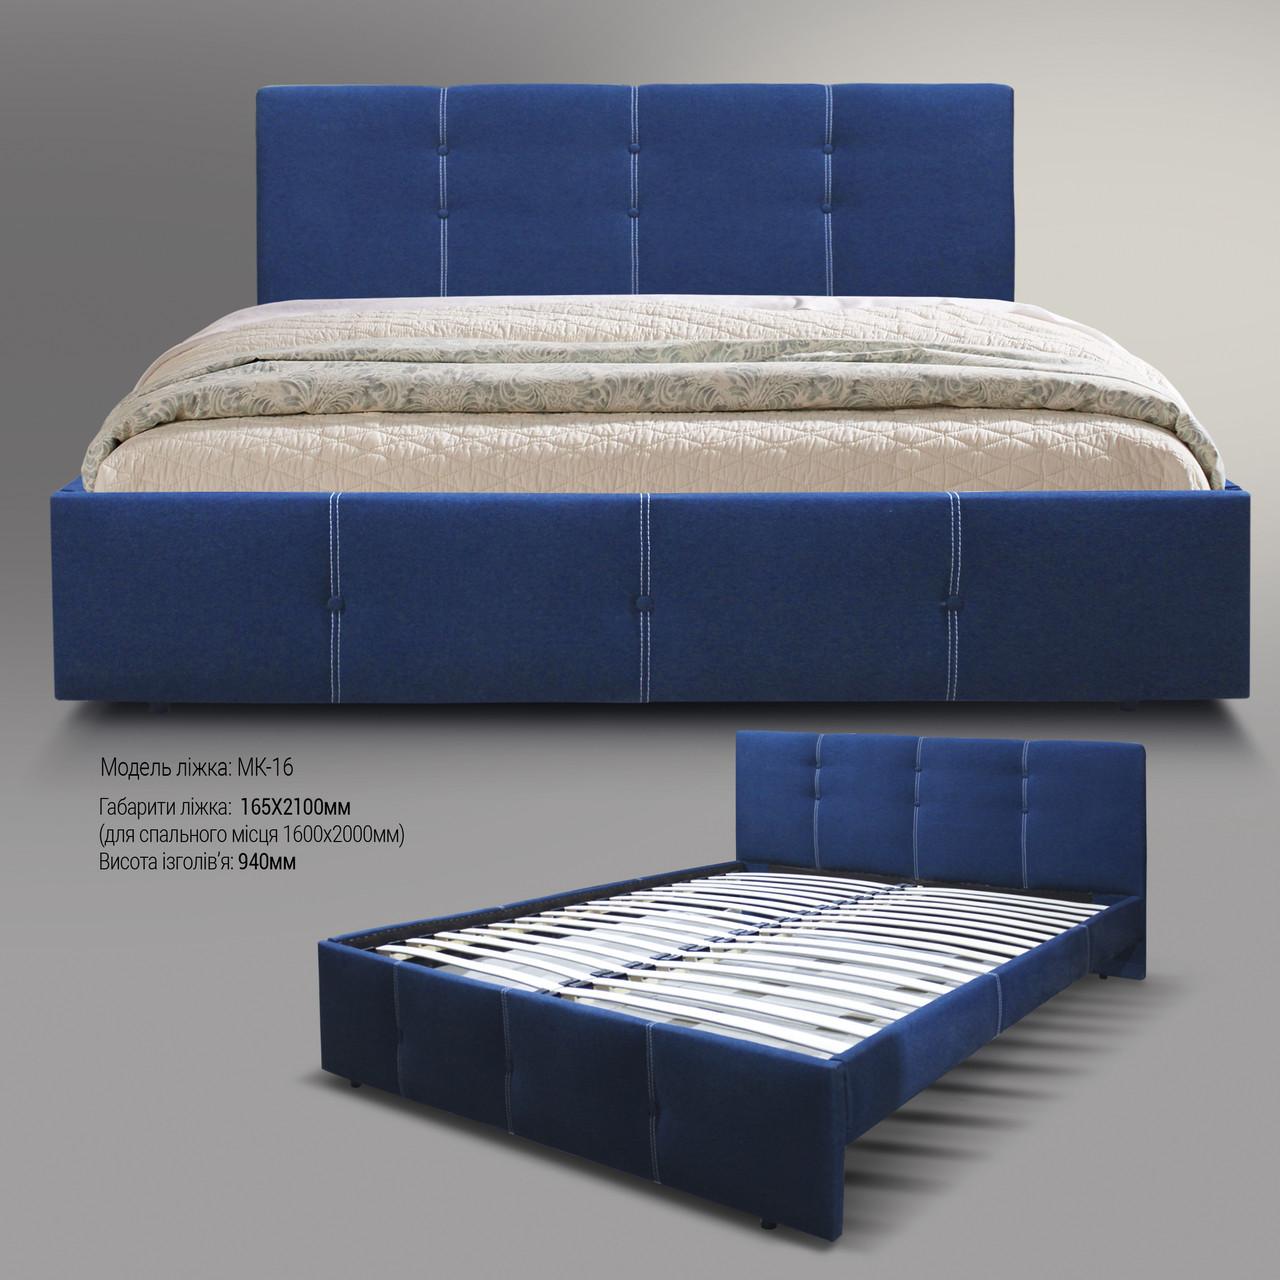 Мягкая кровать МК-16 MegaMebli